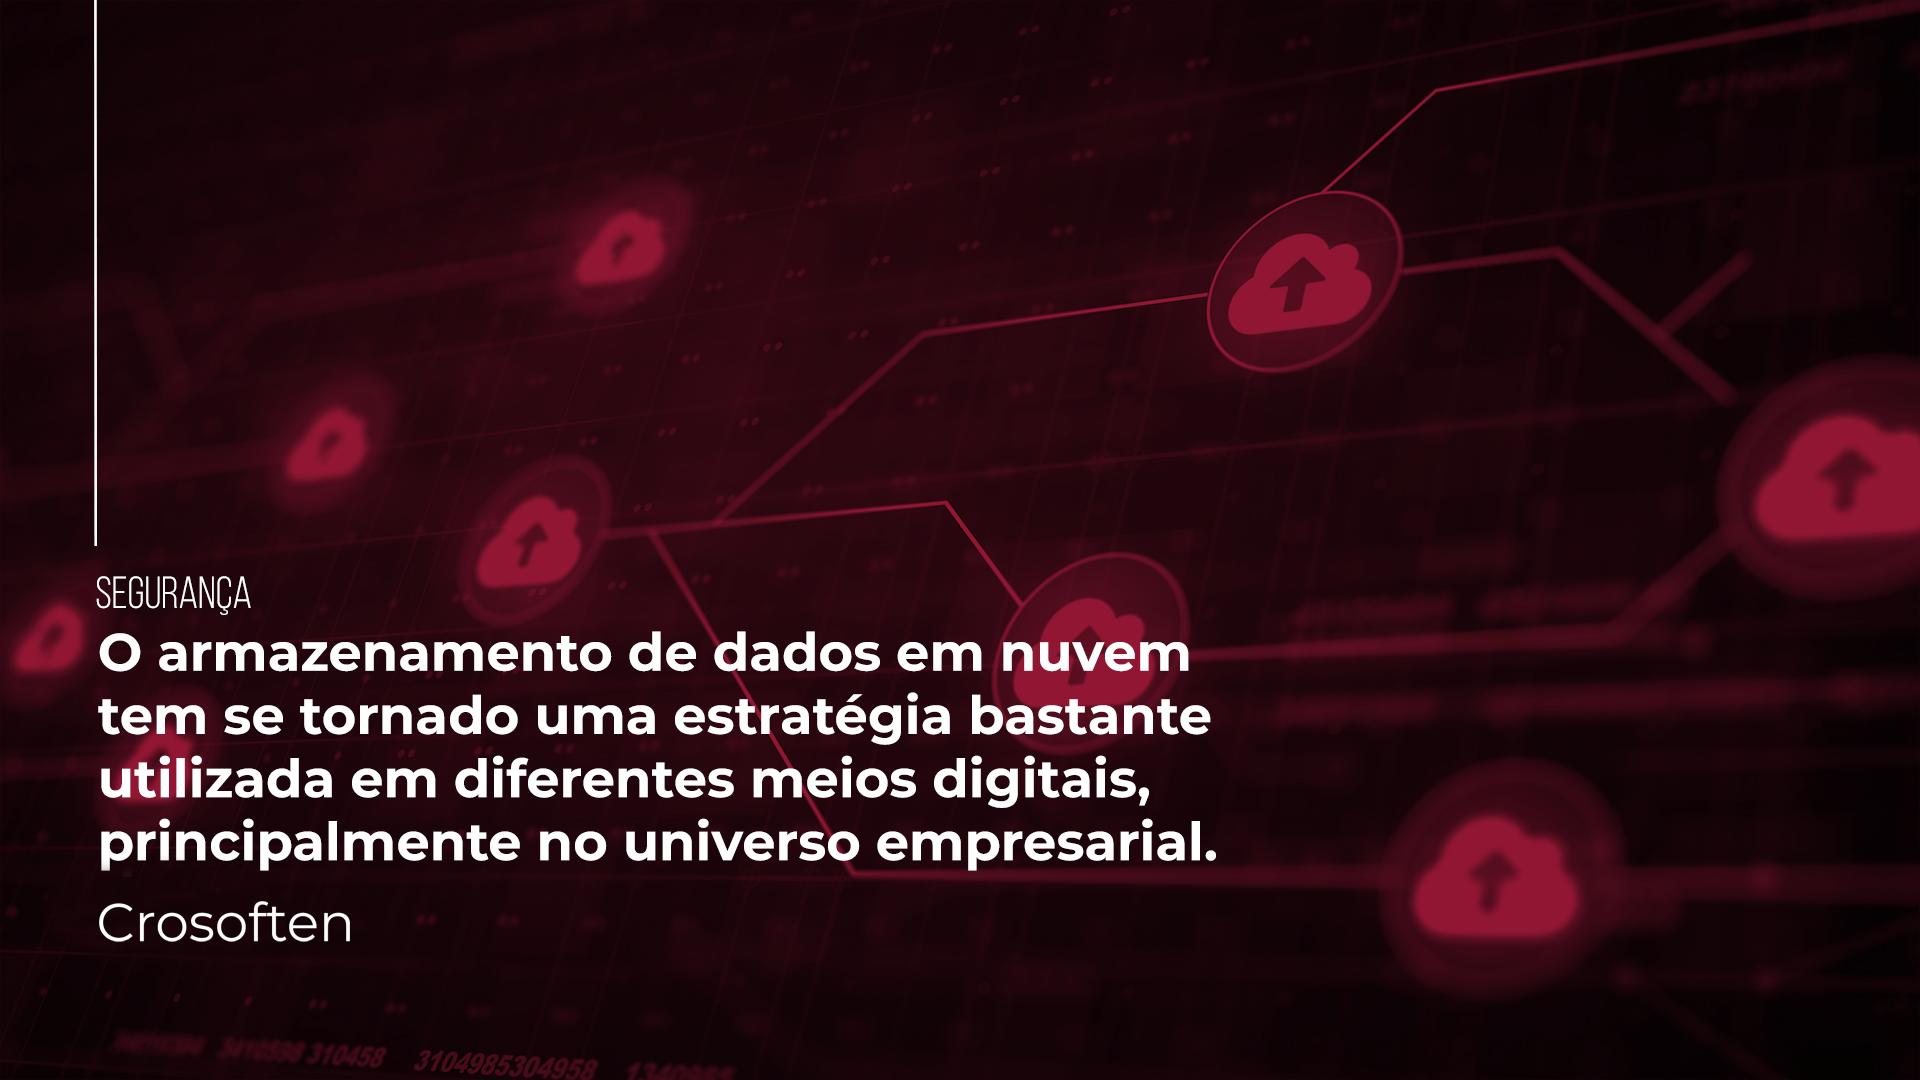 A segurança da computação na nuvem é um serviço em rápido crescimento que oferece muitas das mesmas funcionalidades que a segurança de TI tradicional.